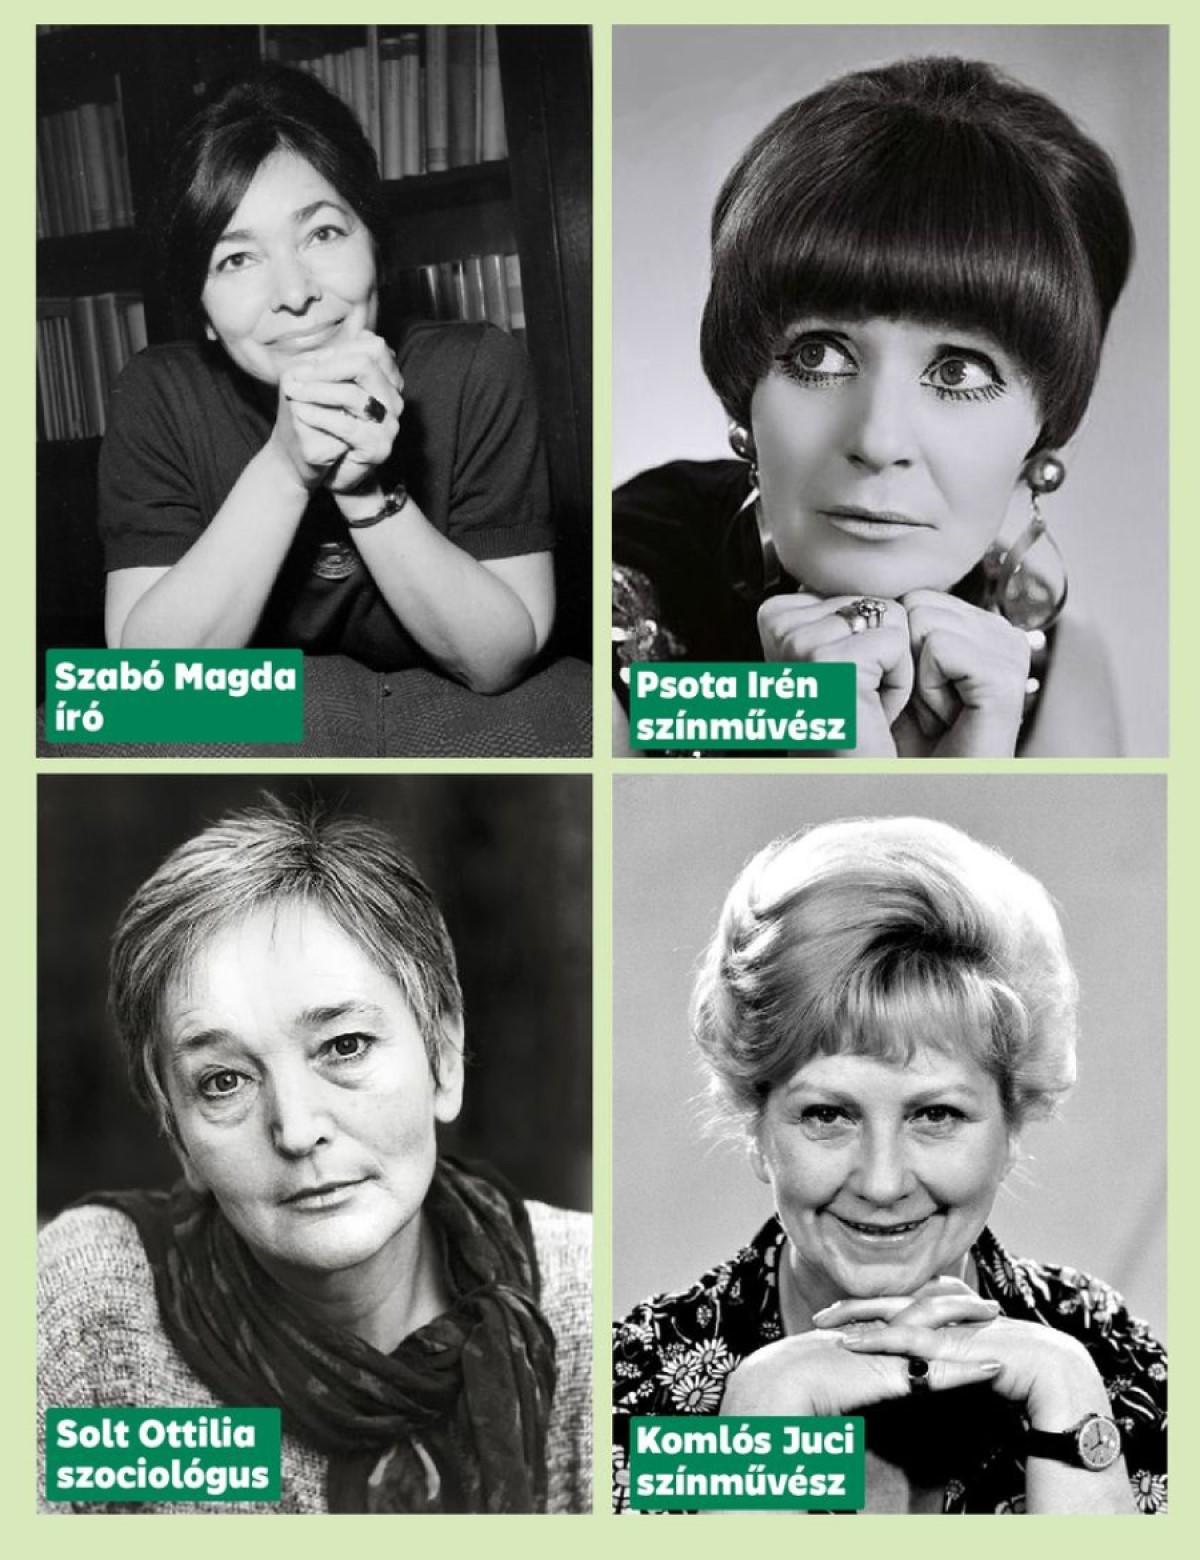 Szabó Magda, Psota Irén, Solt Ottilia és Komlós Juci (kép: Őrsi Gergely Facebook-oldala)